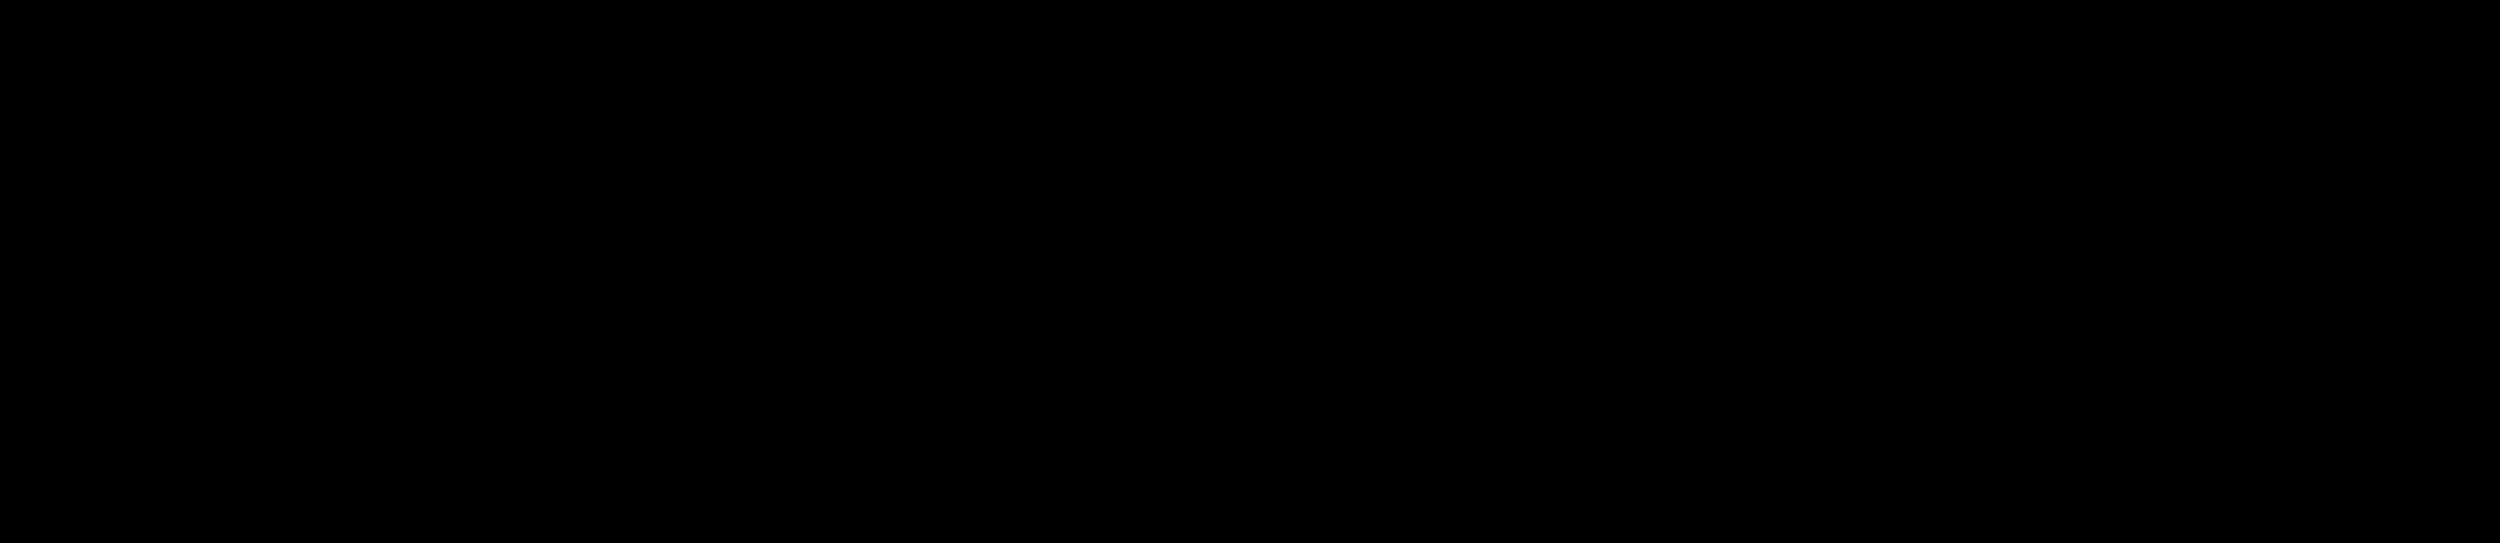 AFC_BP_XH_KL_BLACK_RGB_AW.png